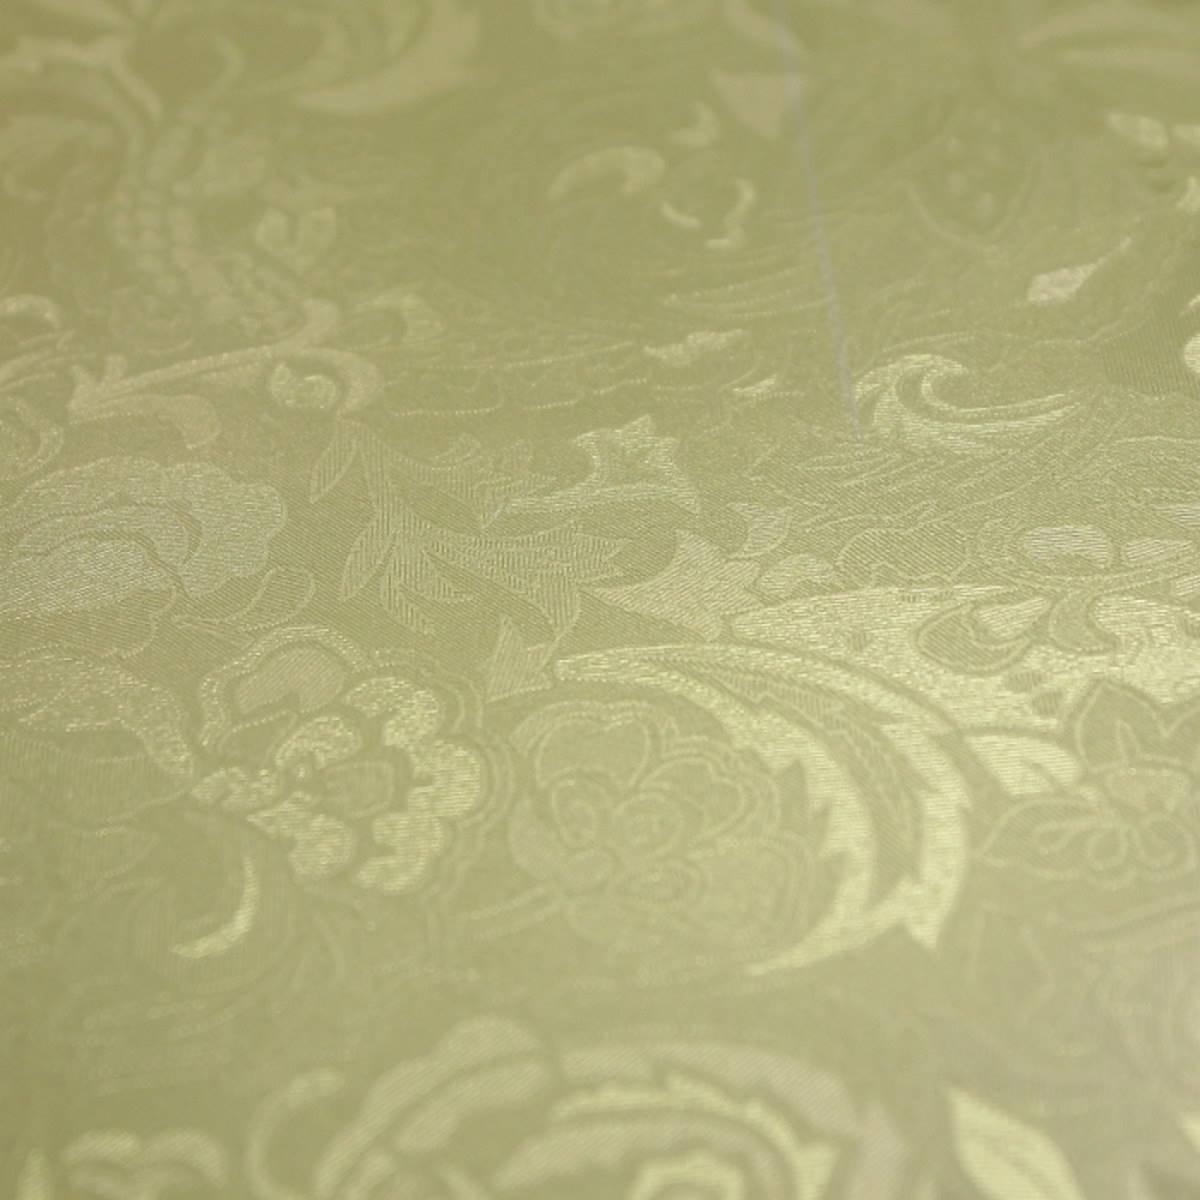 Metallic A3 Paper Golden Marigold